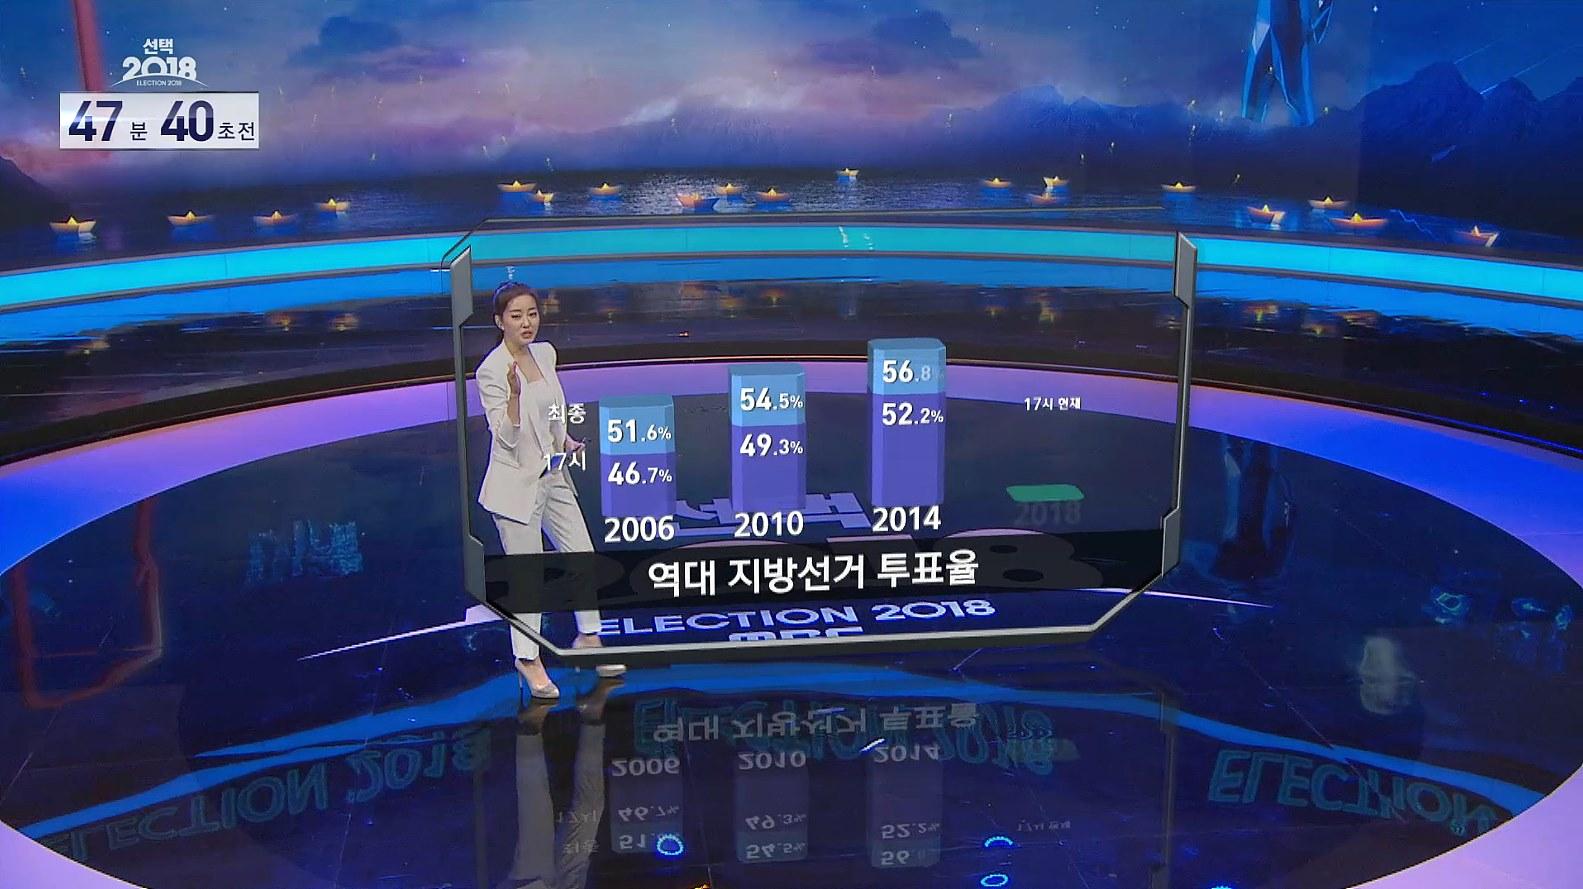 AR 역대 투표율